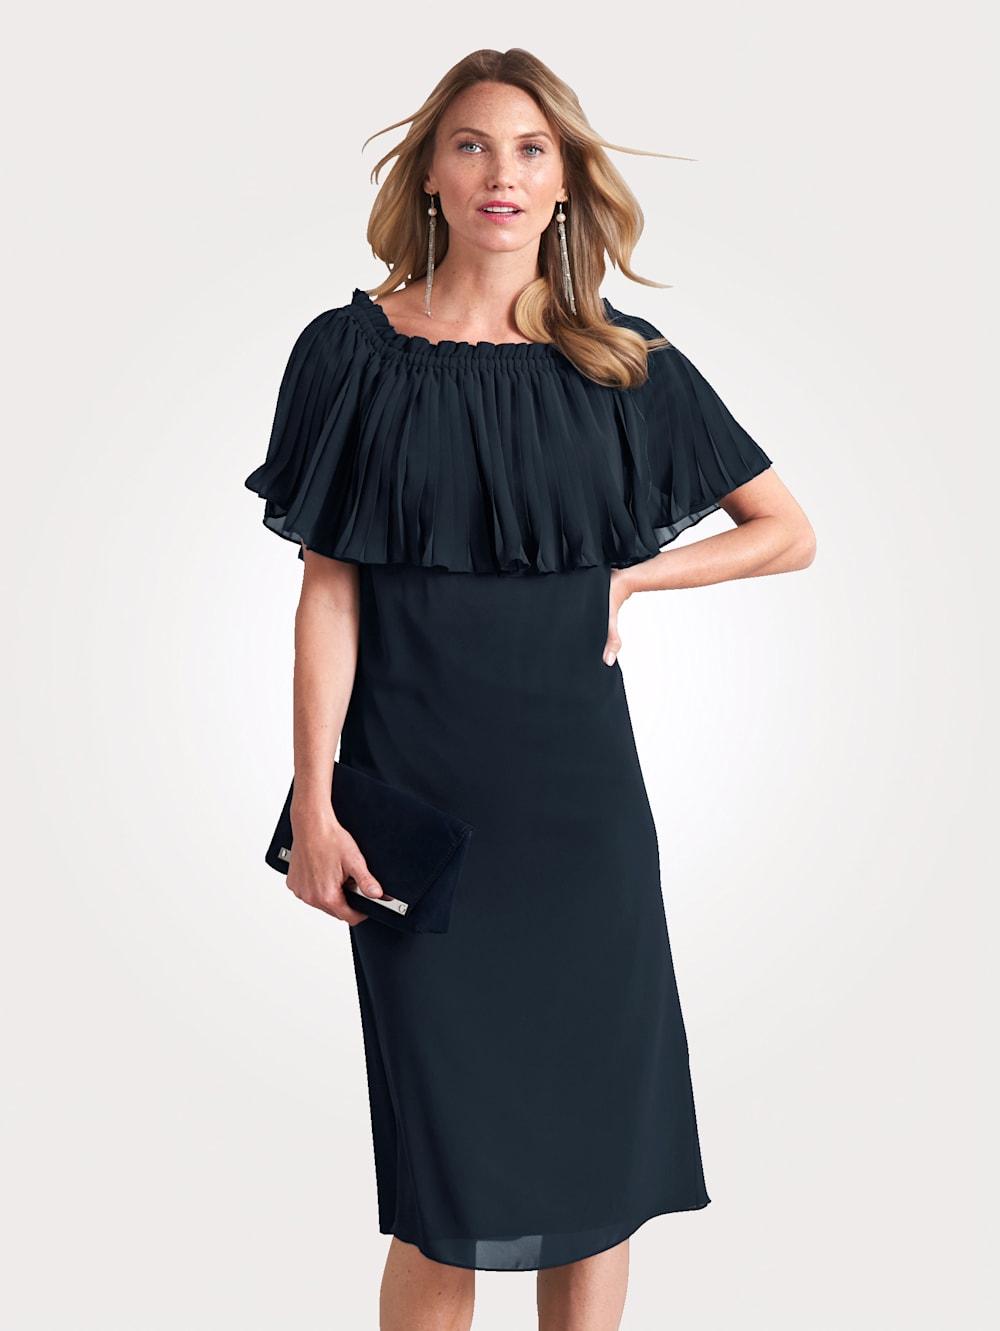 MONA Kleid mit Plissee-Überwurf  Klingel